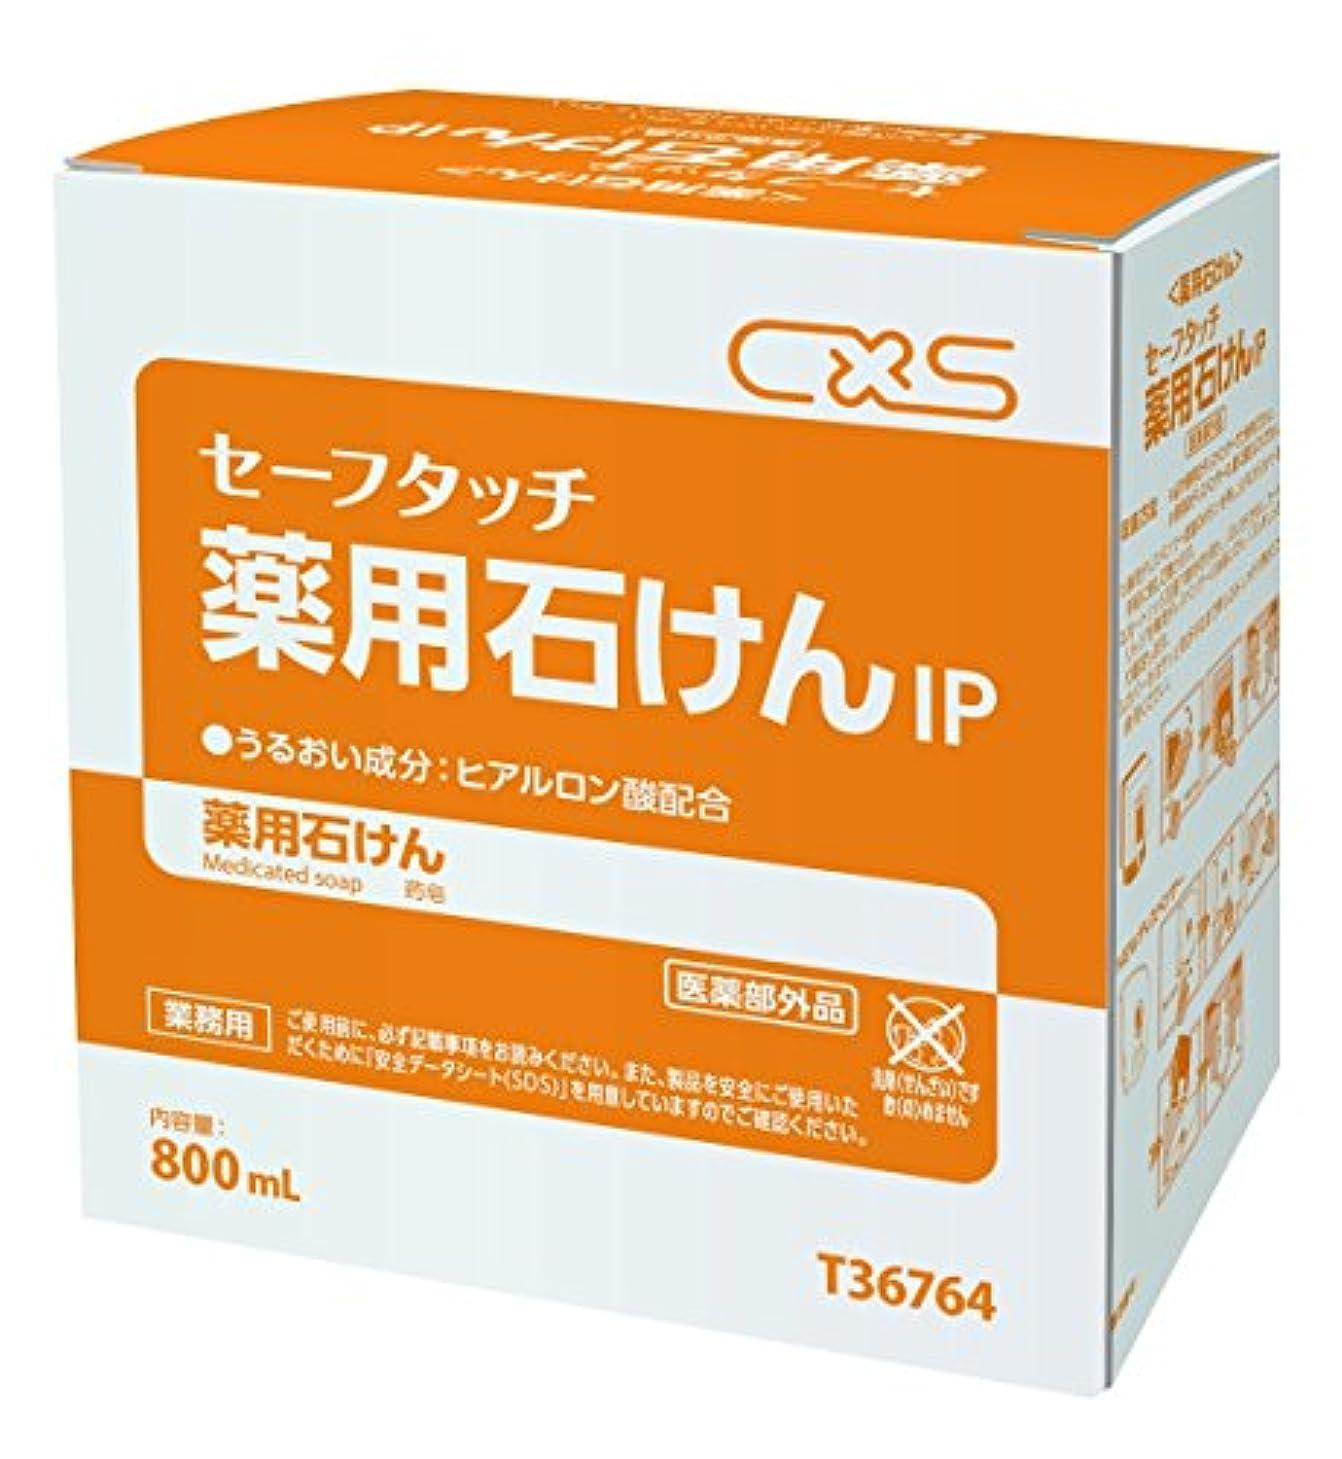 いいね冗談で火山学セーフタッチ 薬用石けんIP 6箱セット